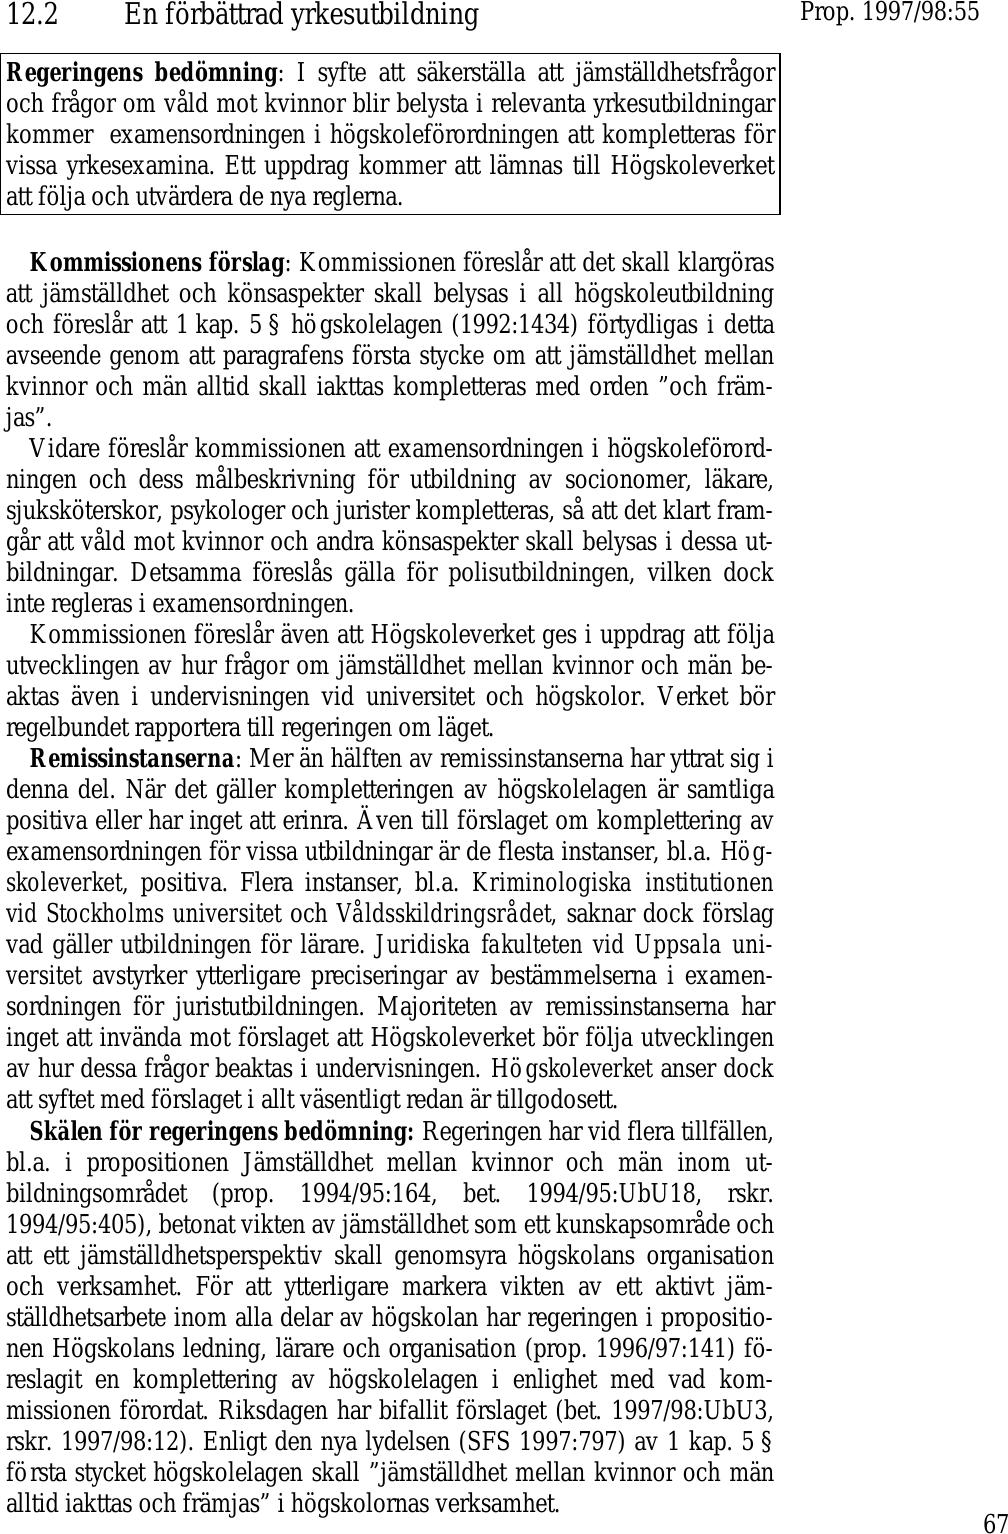 Regeringsforslaget att begransa fri forskning strider mot lagen